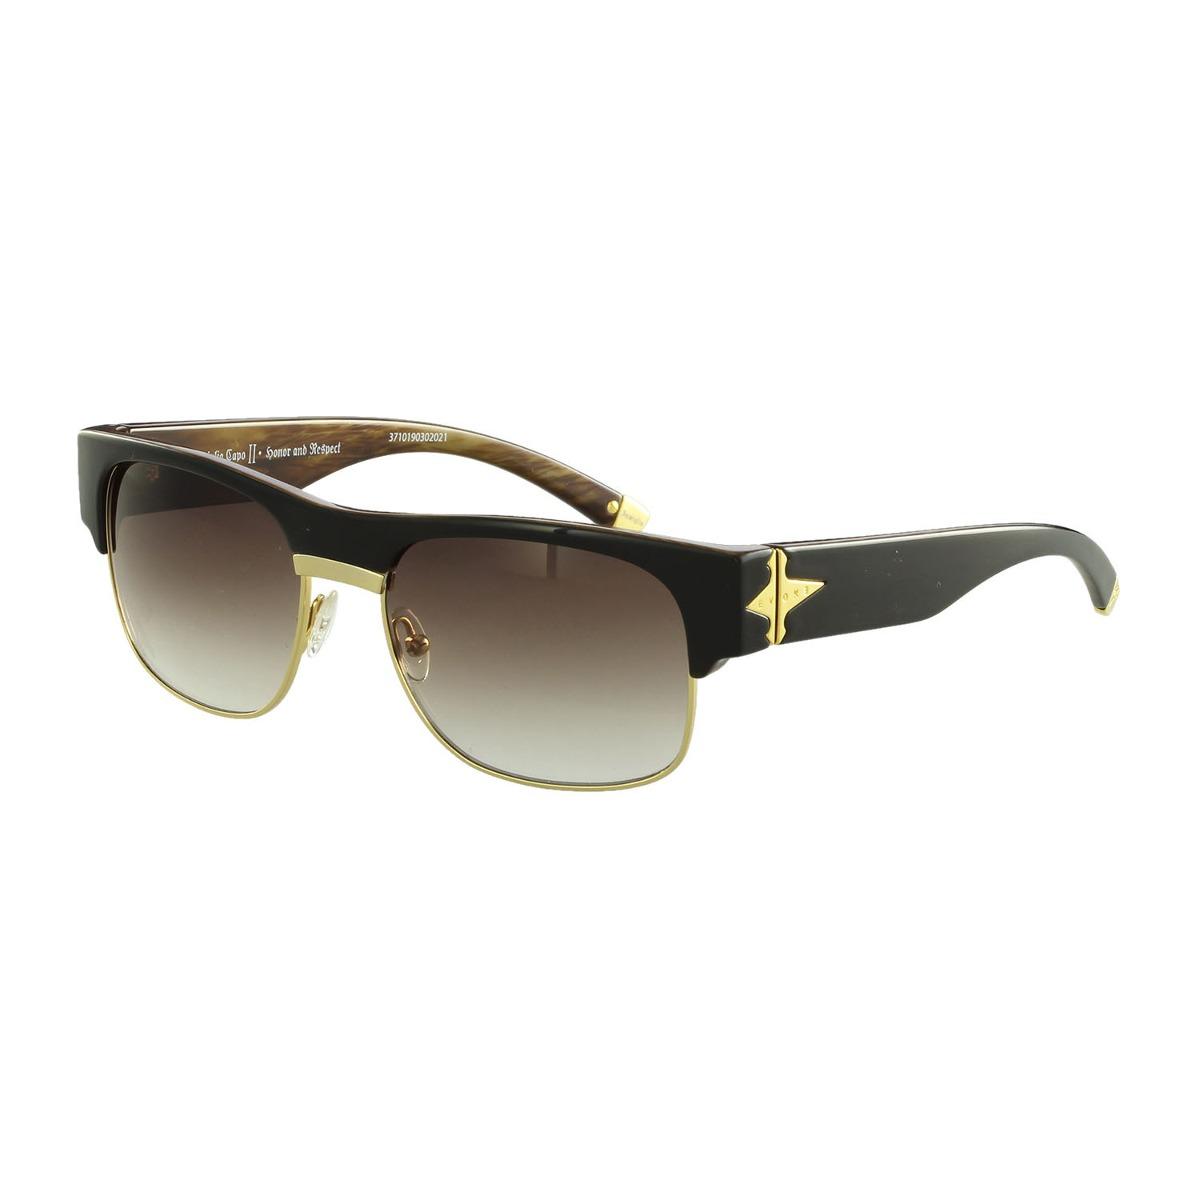 Óculos De Sol Evoke Casual Preto Aev1m01690 - R  495,00 em Mercado Livre d3610122af